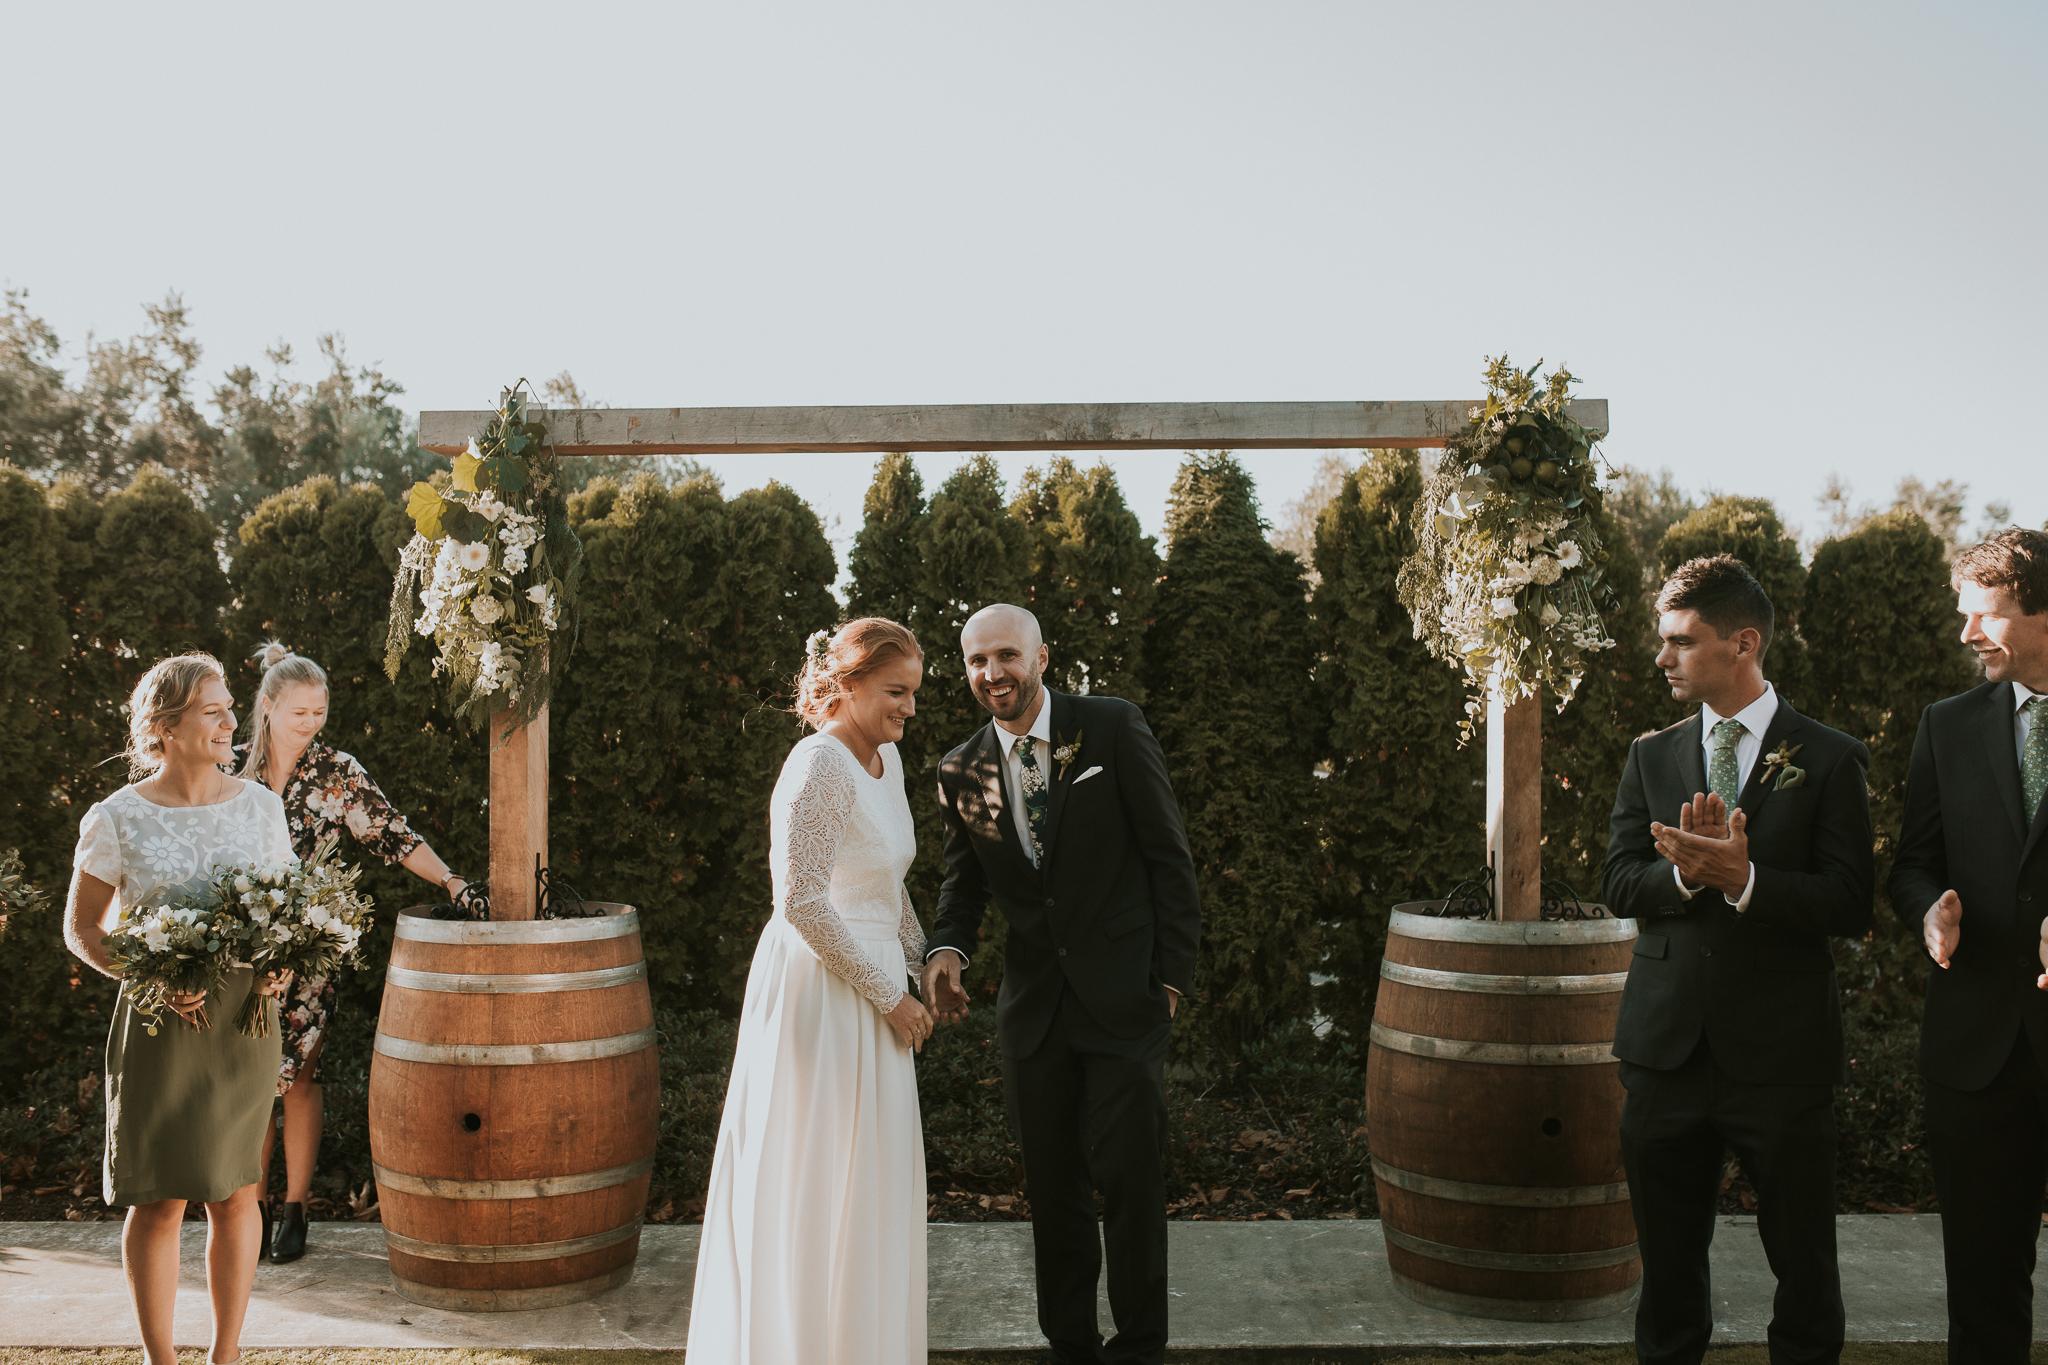 wedding photographer hawkes bay , Lisa Fisher Photography, Selini Winery Wedding -319.jpg